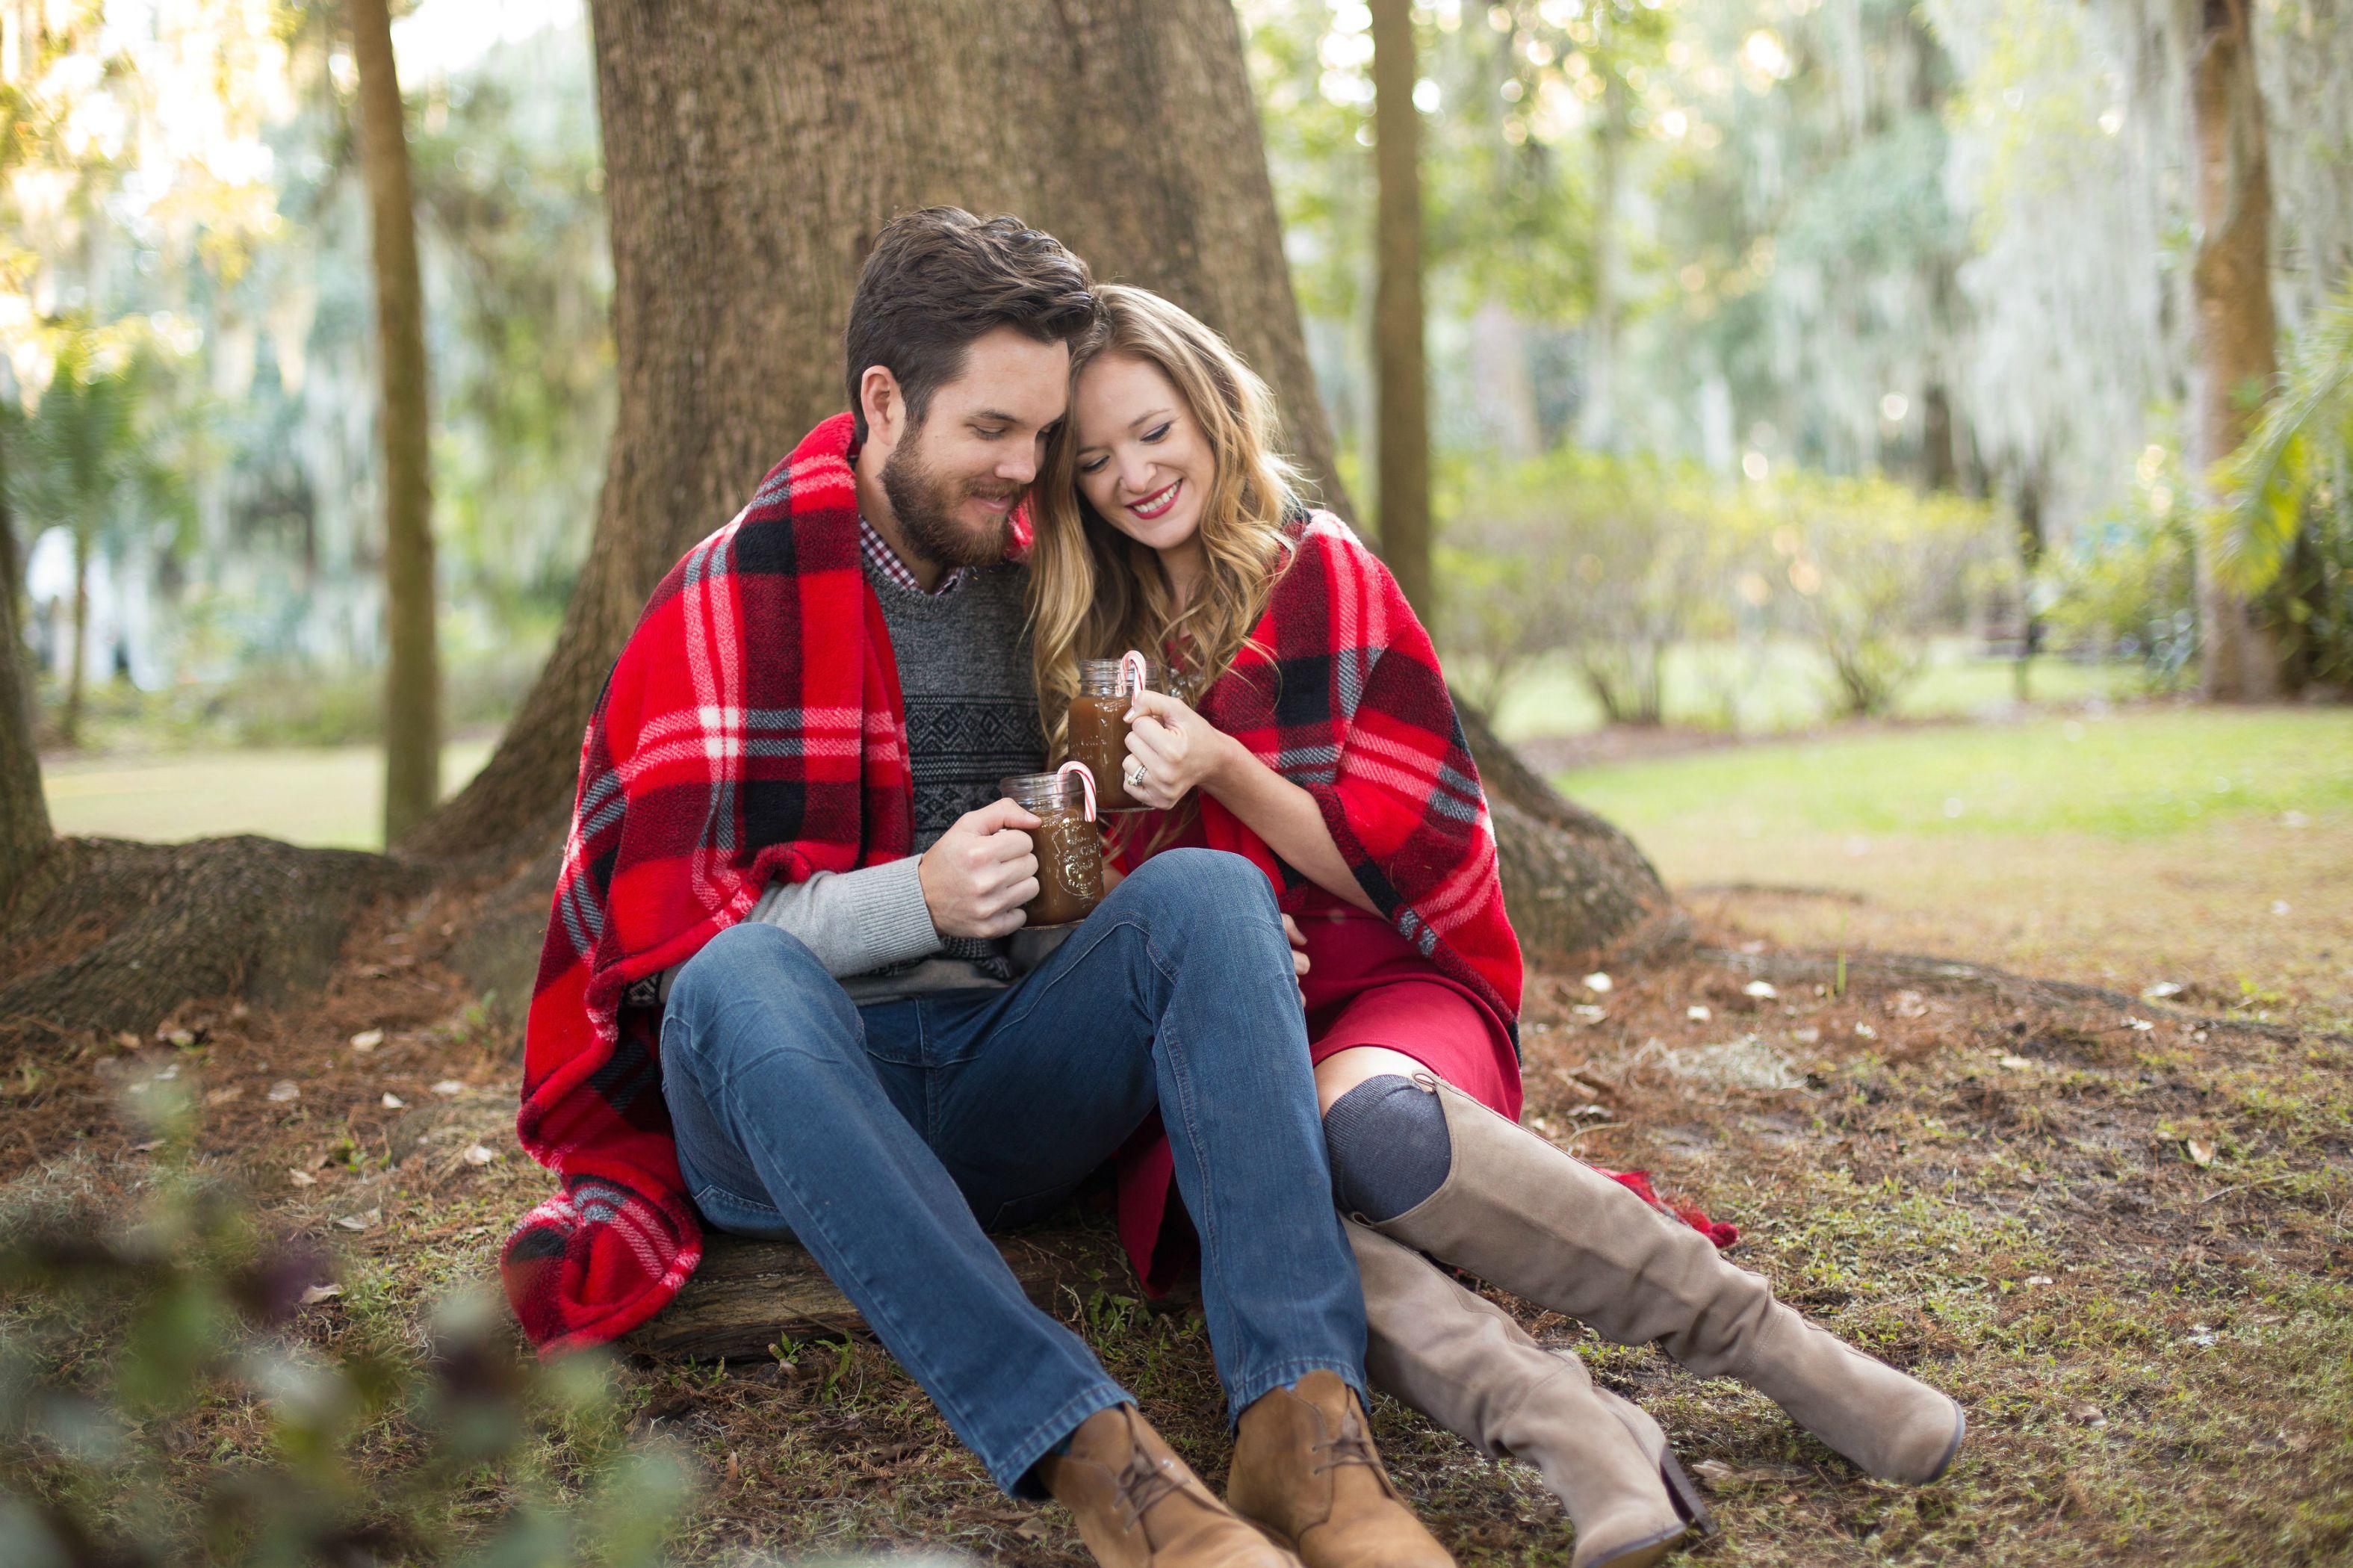 orlando, florida fashion blogger holiday, Christmas couple photos